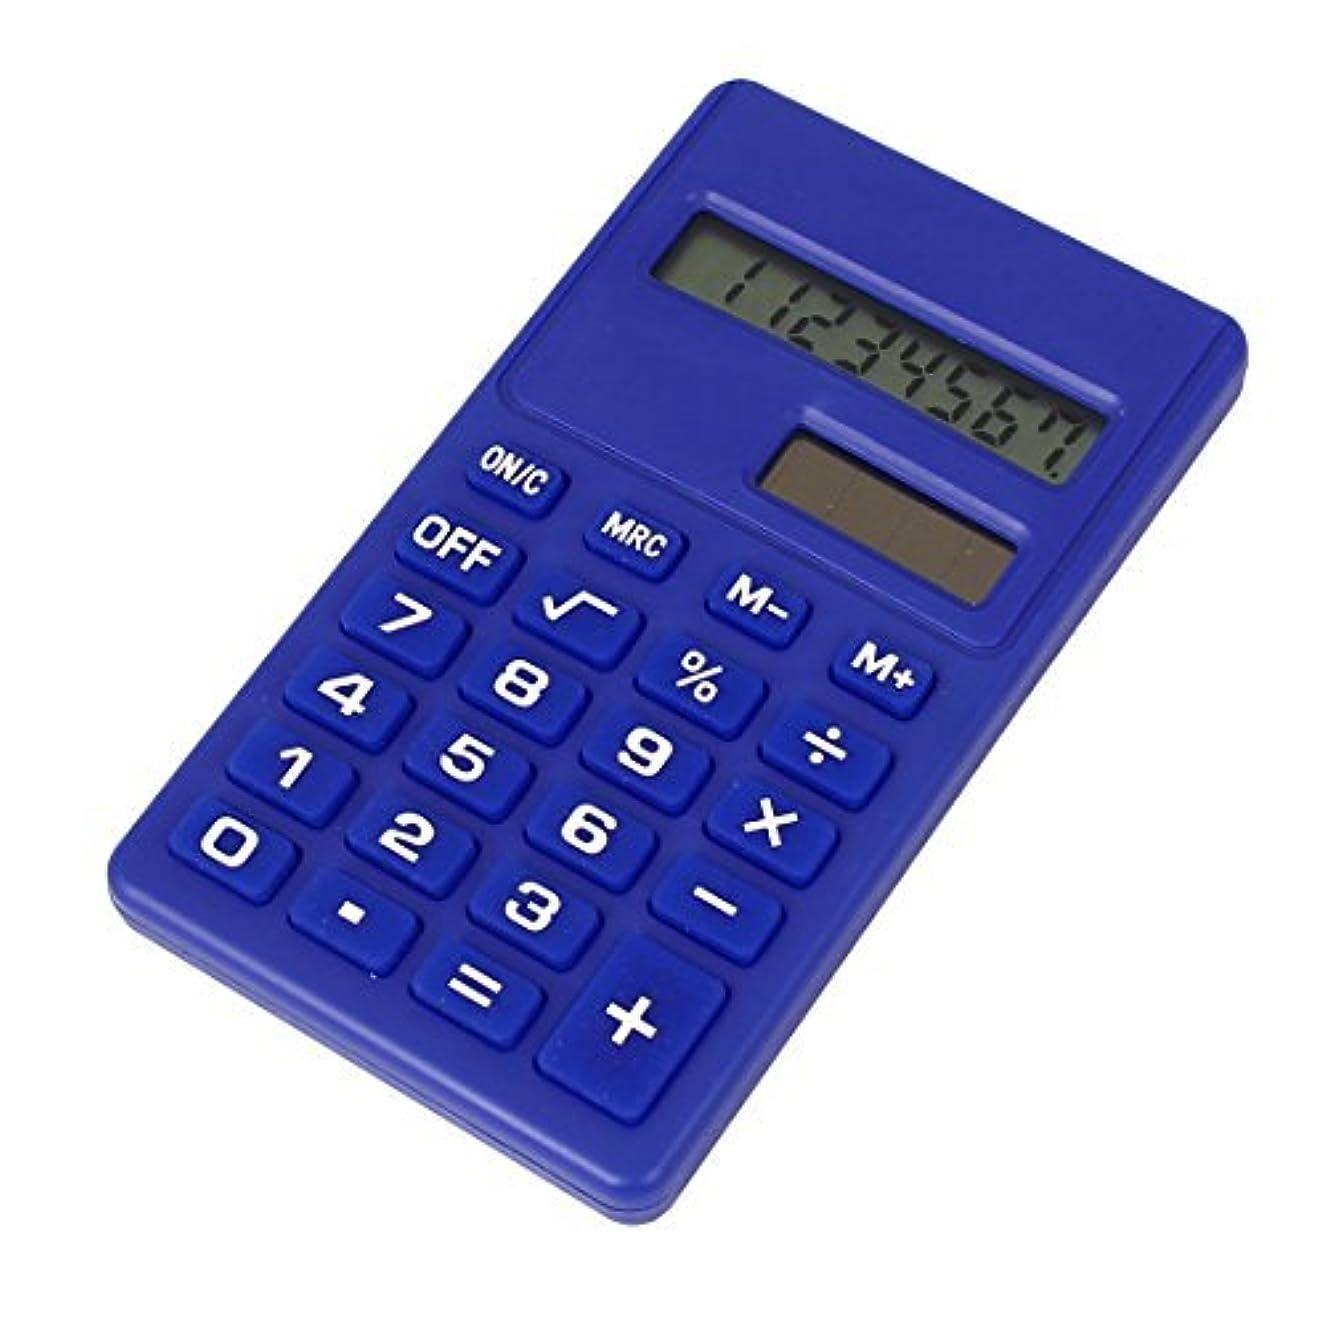 収縮テニス知覚するEbuyChX オフィス用液晶ディスプレイ 小型科学電卓 ブルー